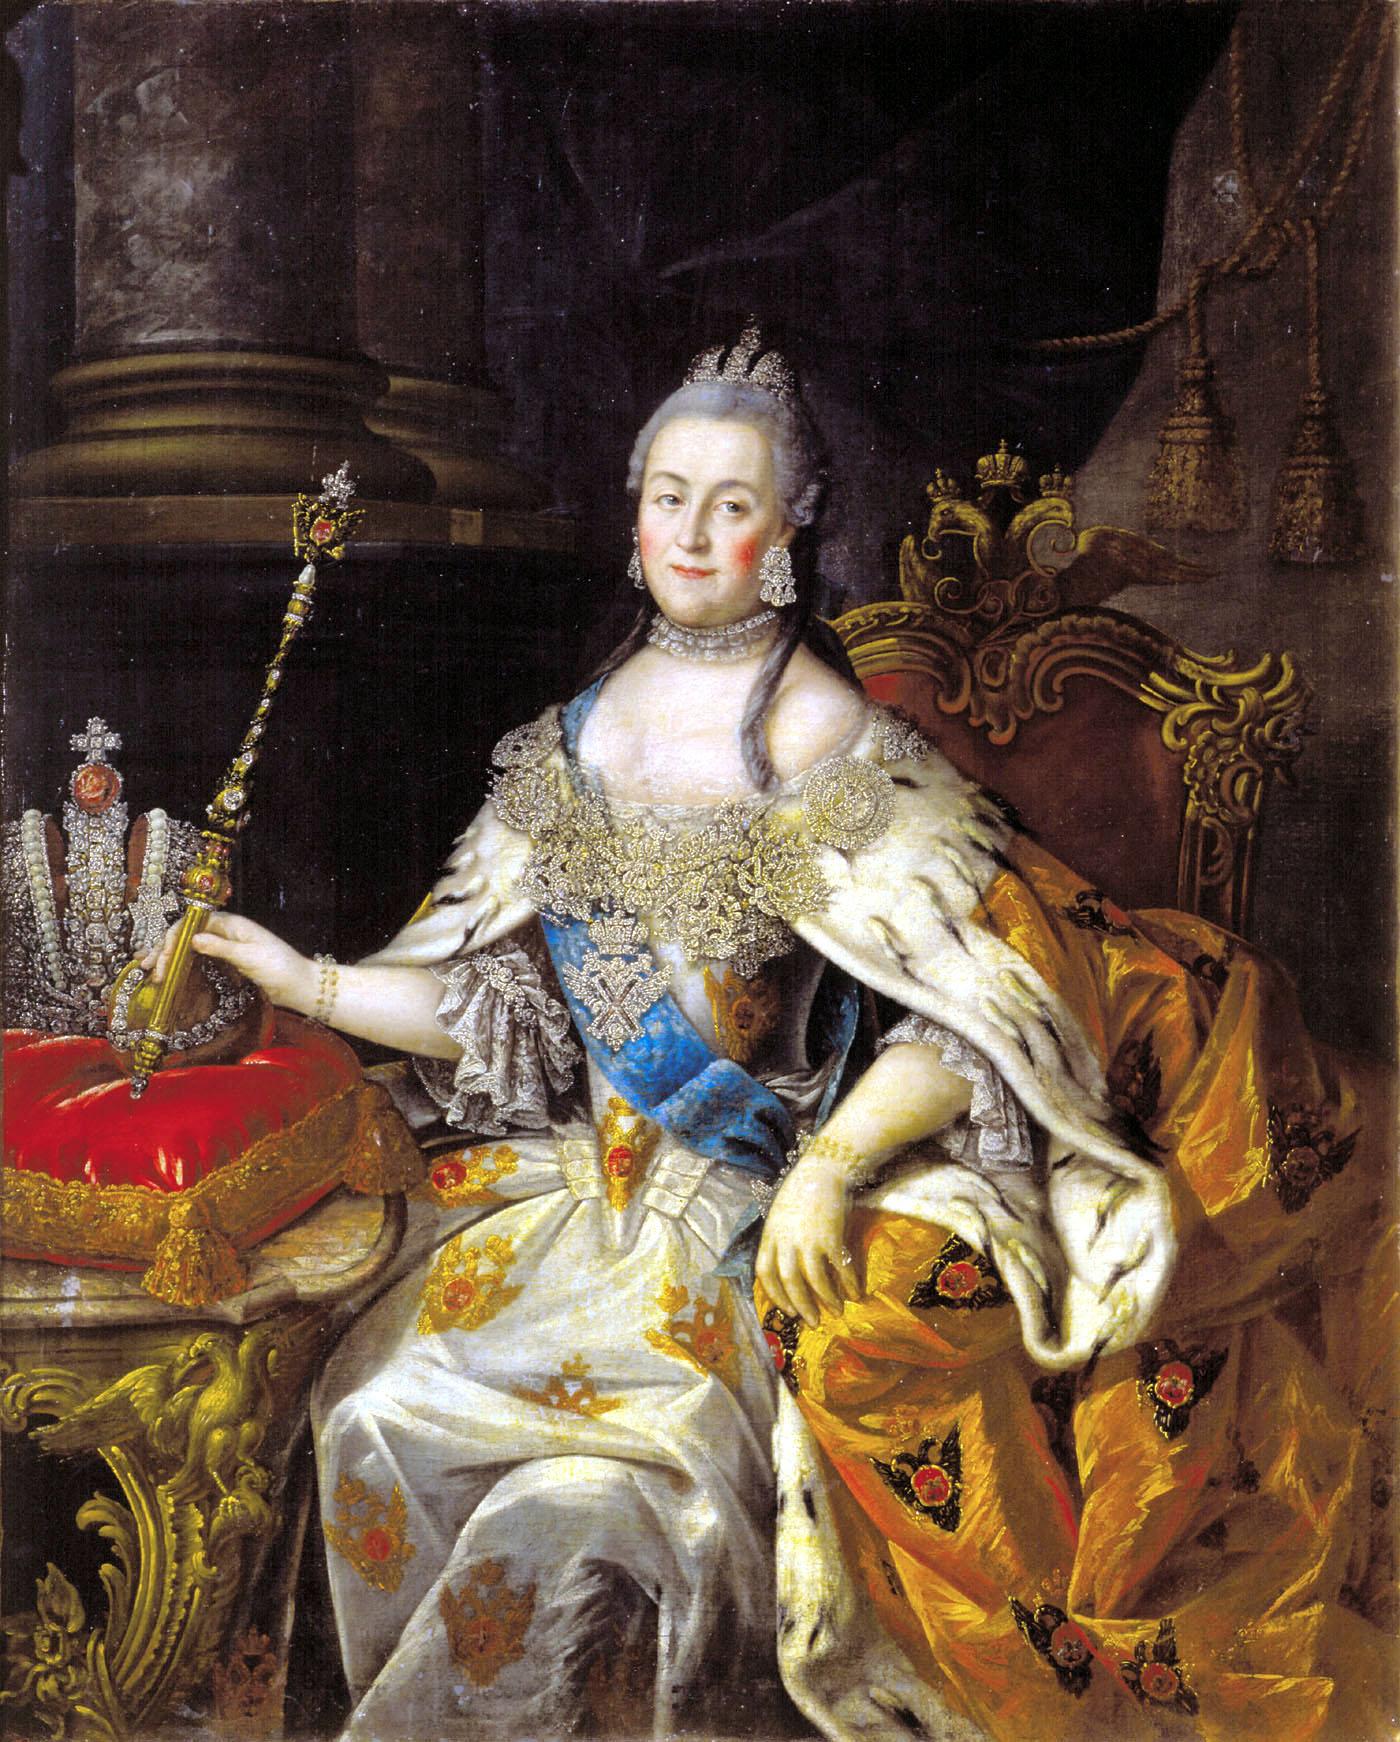 إمبراطورة روسيا وعشيقها القديم